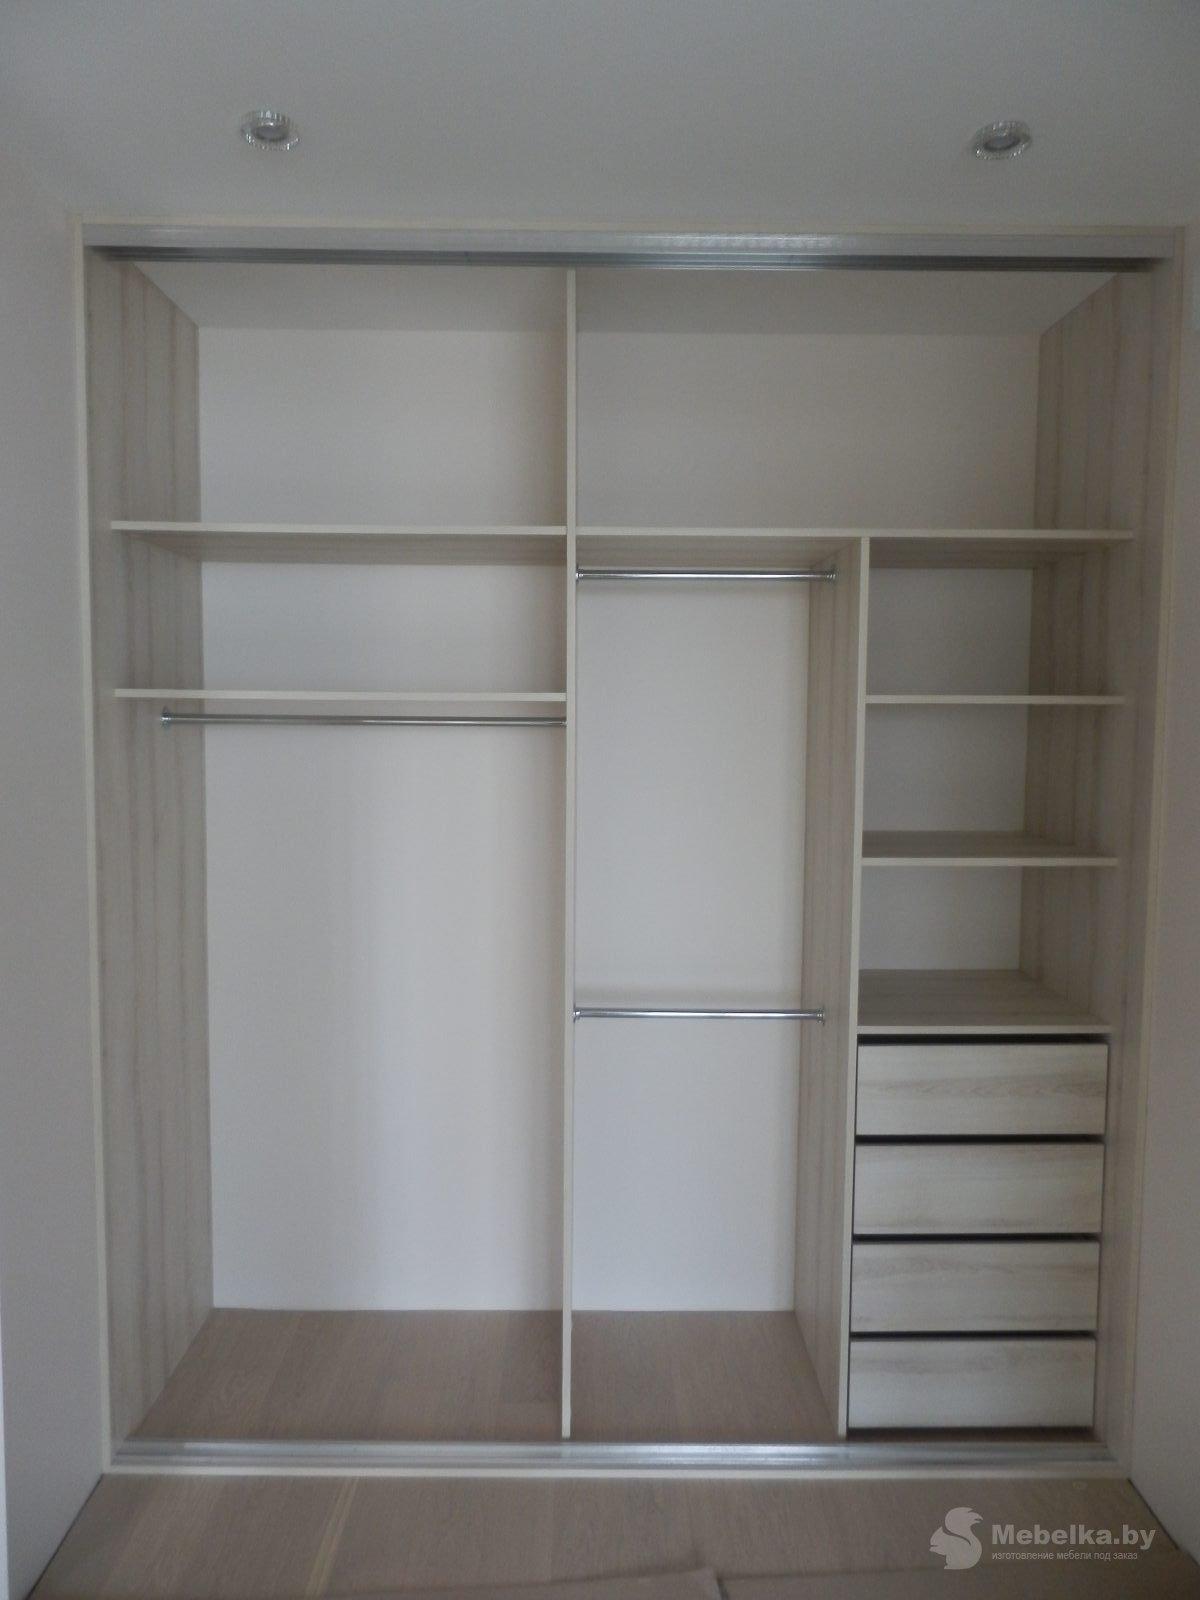 Шкаф-купе с вертикальным разделением вид 2